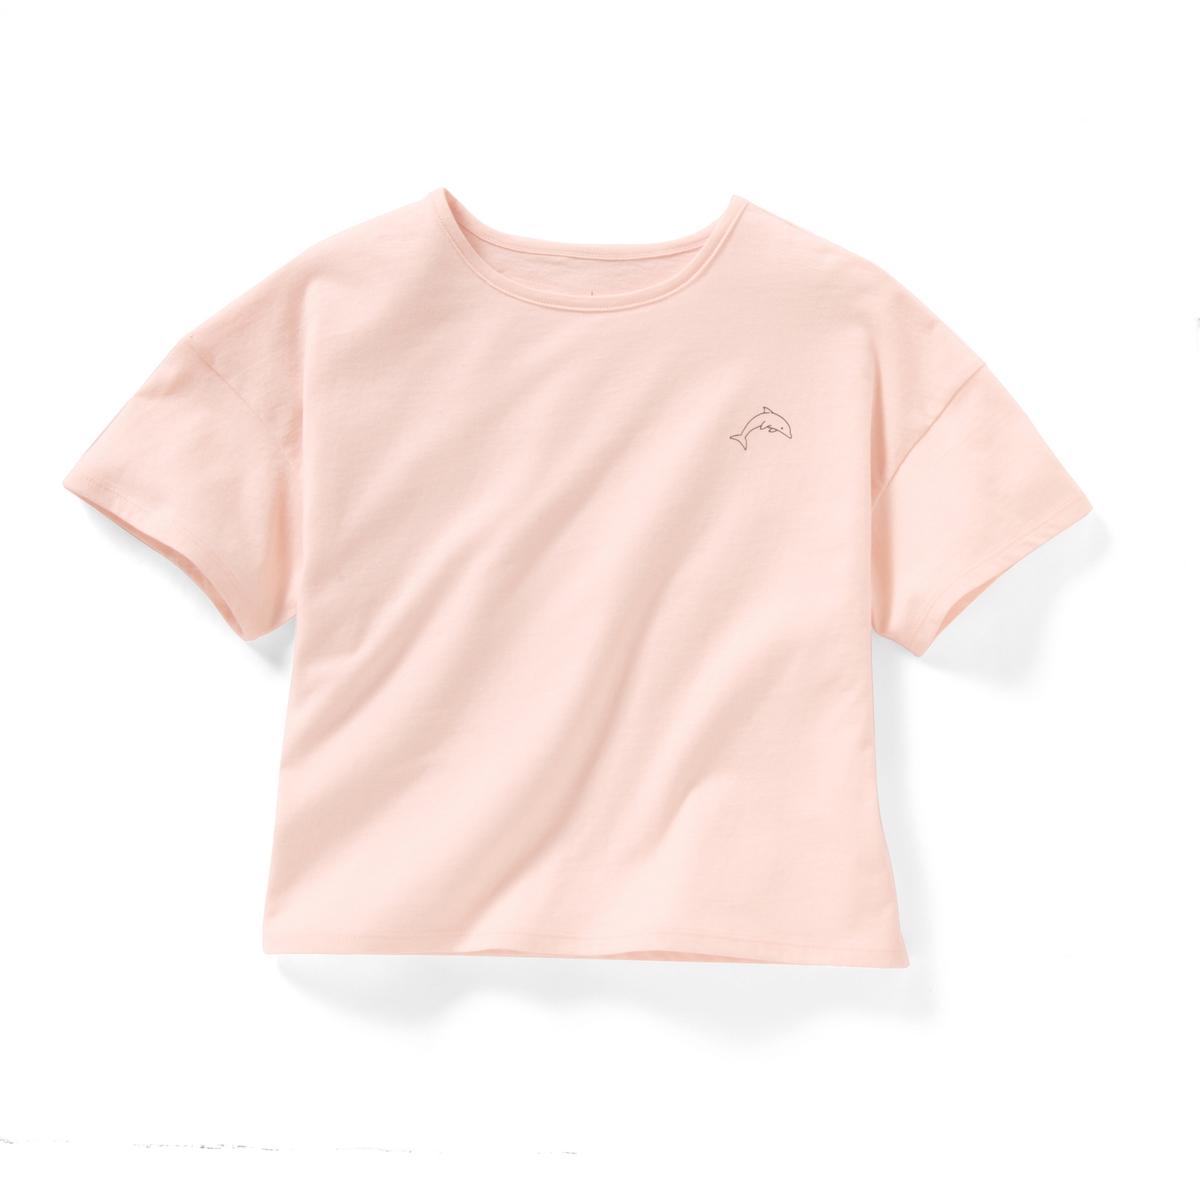 Комплект из 2 футболок с короткими рукавами, 10-16 летФутболки с круглым вырезом и рисунком спереди . 1 приталенная и 1 свободного покроя и укороченная . короткие рукава. Состав и описаниеМатериал      100% хлопокМарка      R ?ditionУходМашинная стирка при 30 °C с вещами схожих цветовСтирать и гладить с изнаночной стороныМашинная сушка при умеренной температуреГладить при низкой температуре<br><br>Цвет: Розовый + хаки<br>Размер: 10 лет - 138 см.16 лет.12 лет -150 см